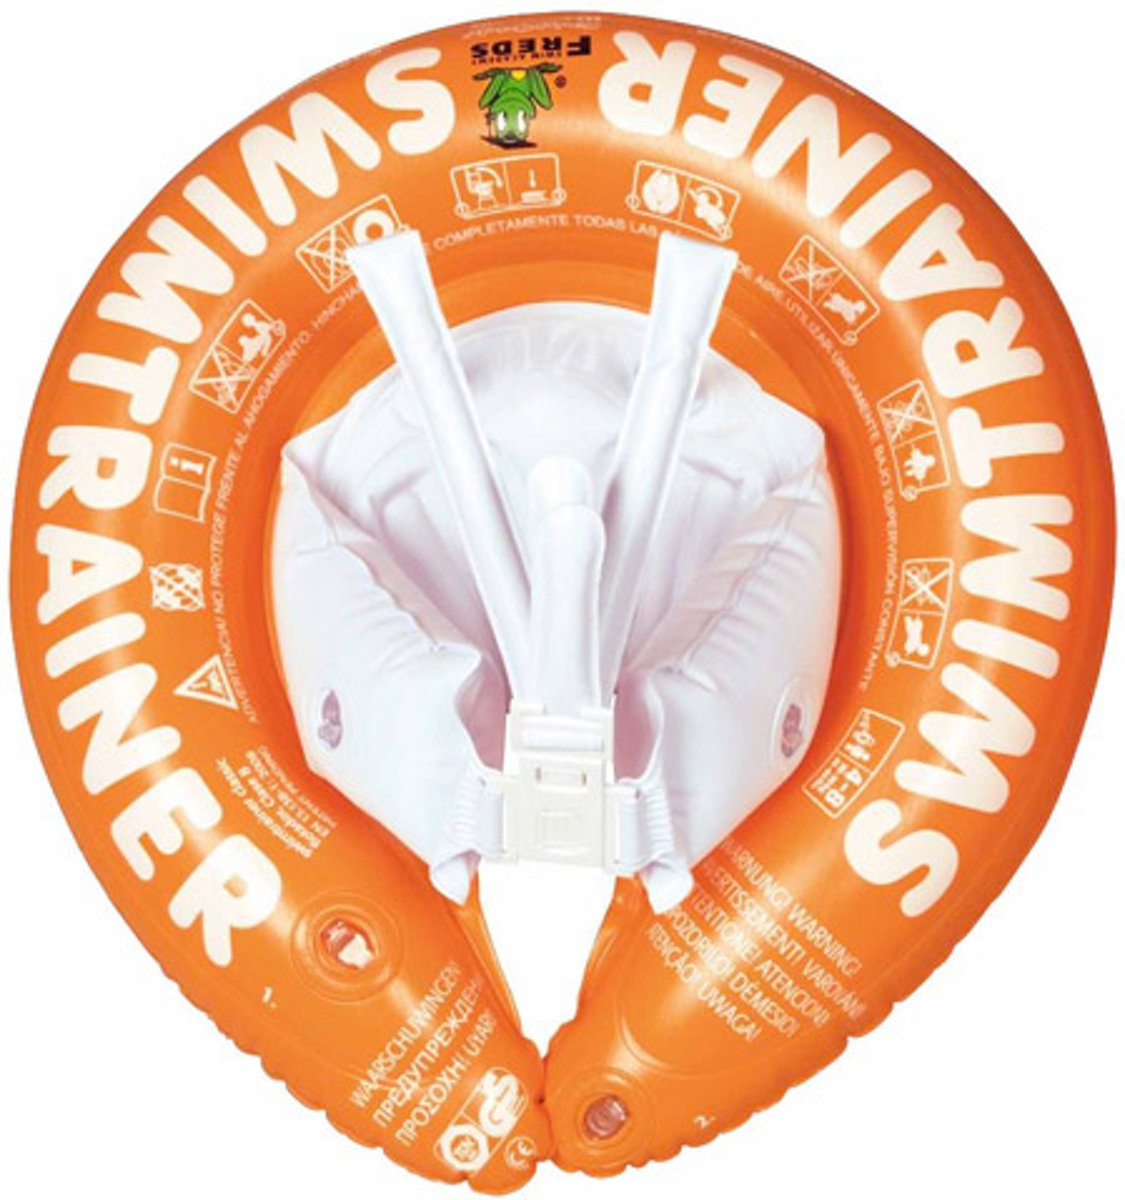 Swimtrainer Classic Oranje 15-30kg